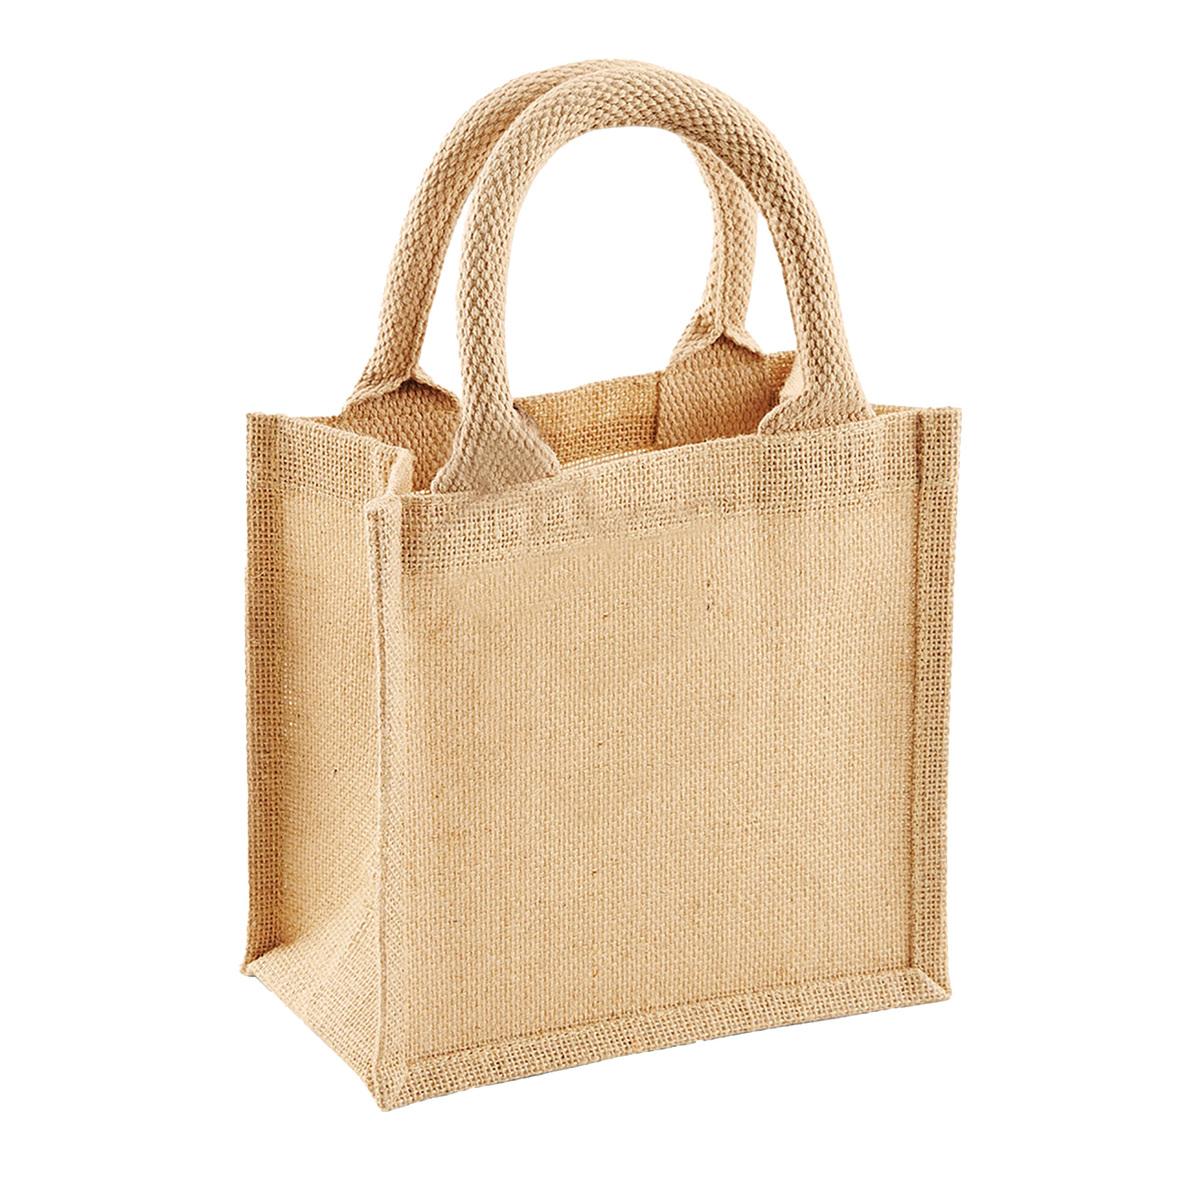 マイバッグ エコバッグ 手提げ スーパー ショッピング (ウエストフォード・ミル) Westford Mill ジュート Petite ギフトバッグ ミニトートバッグ 4リットル 【海外直送】